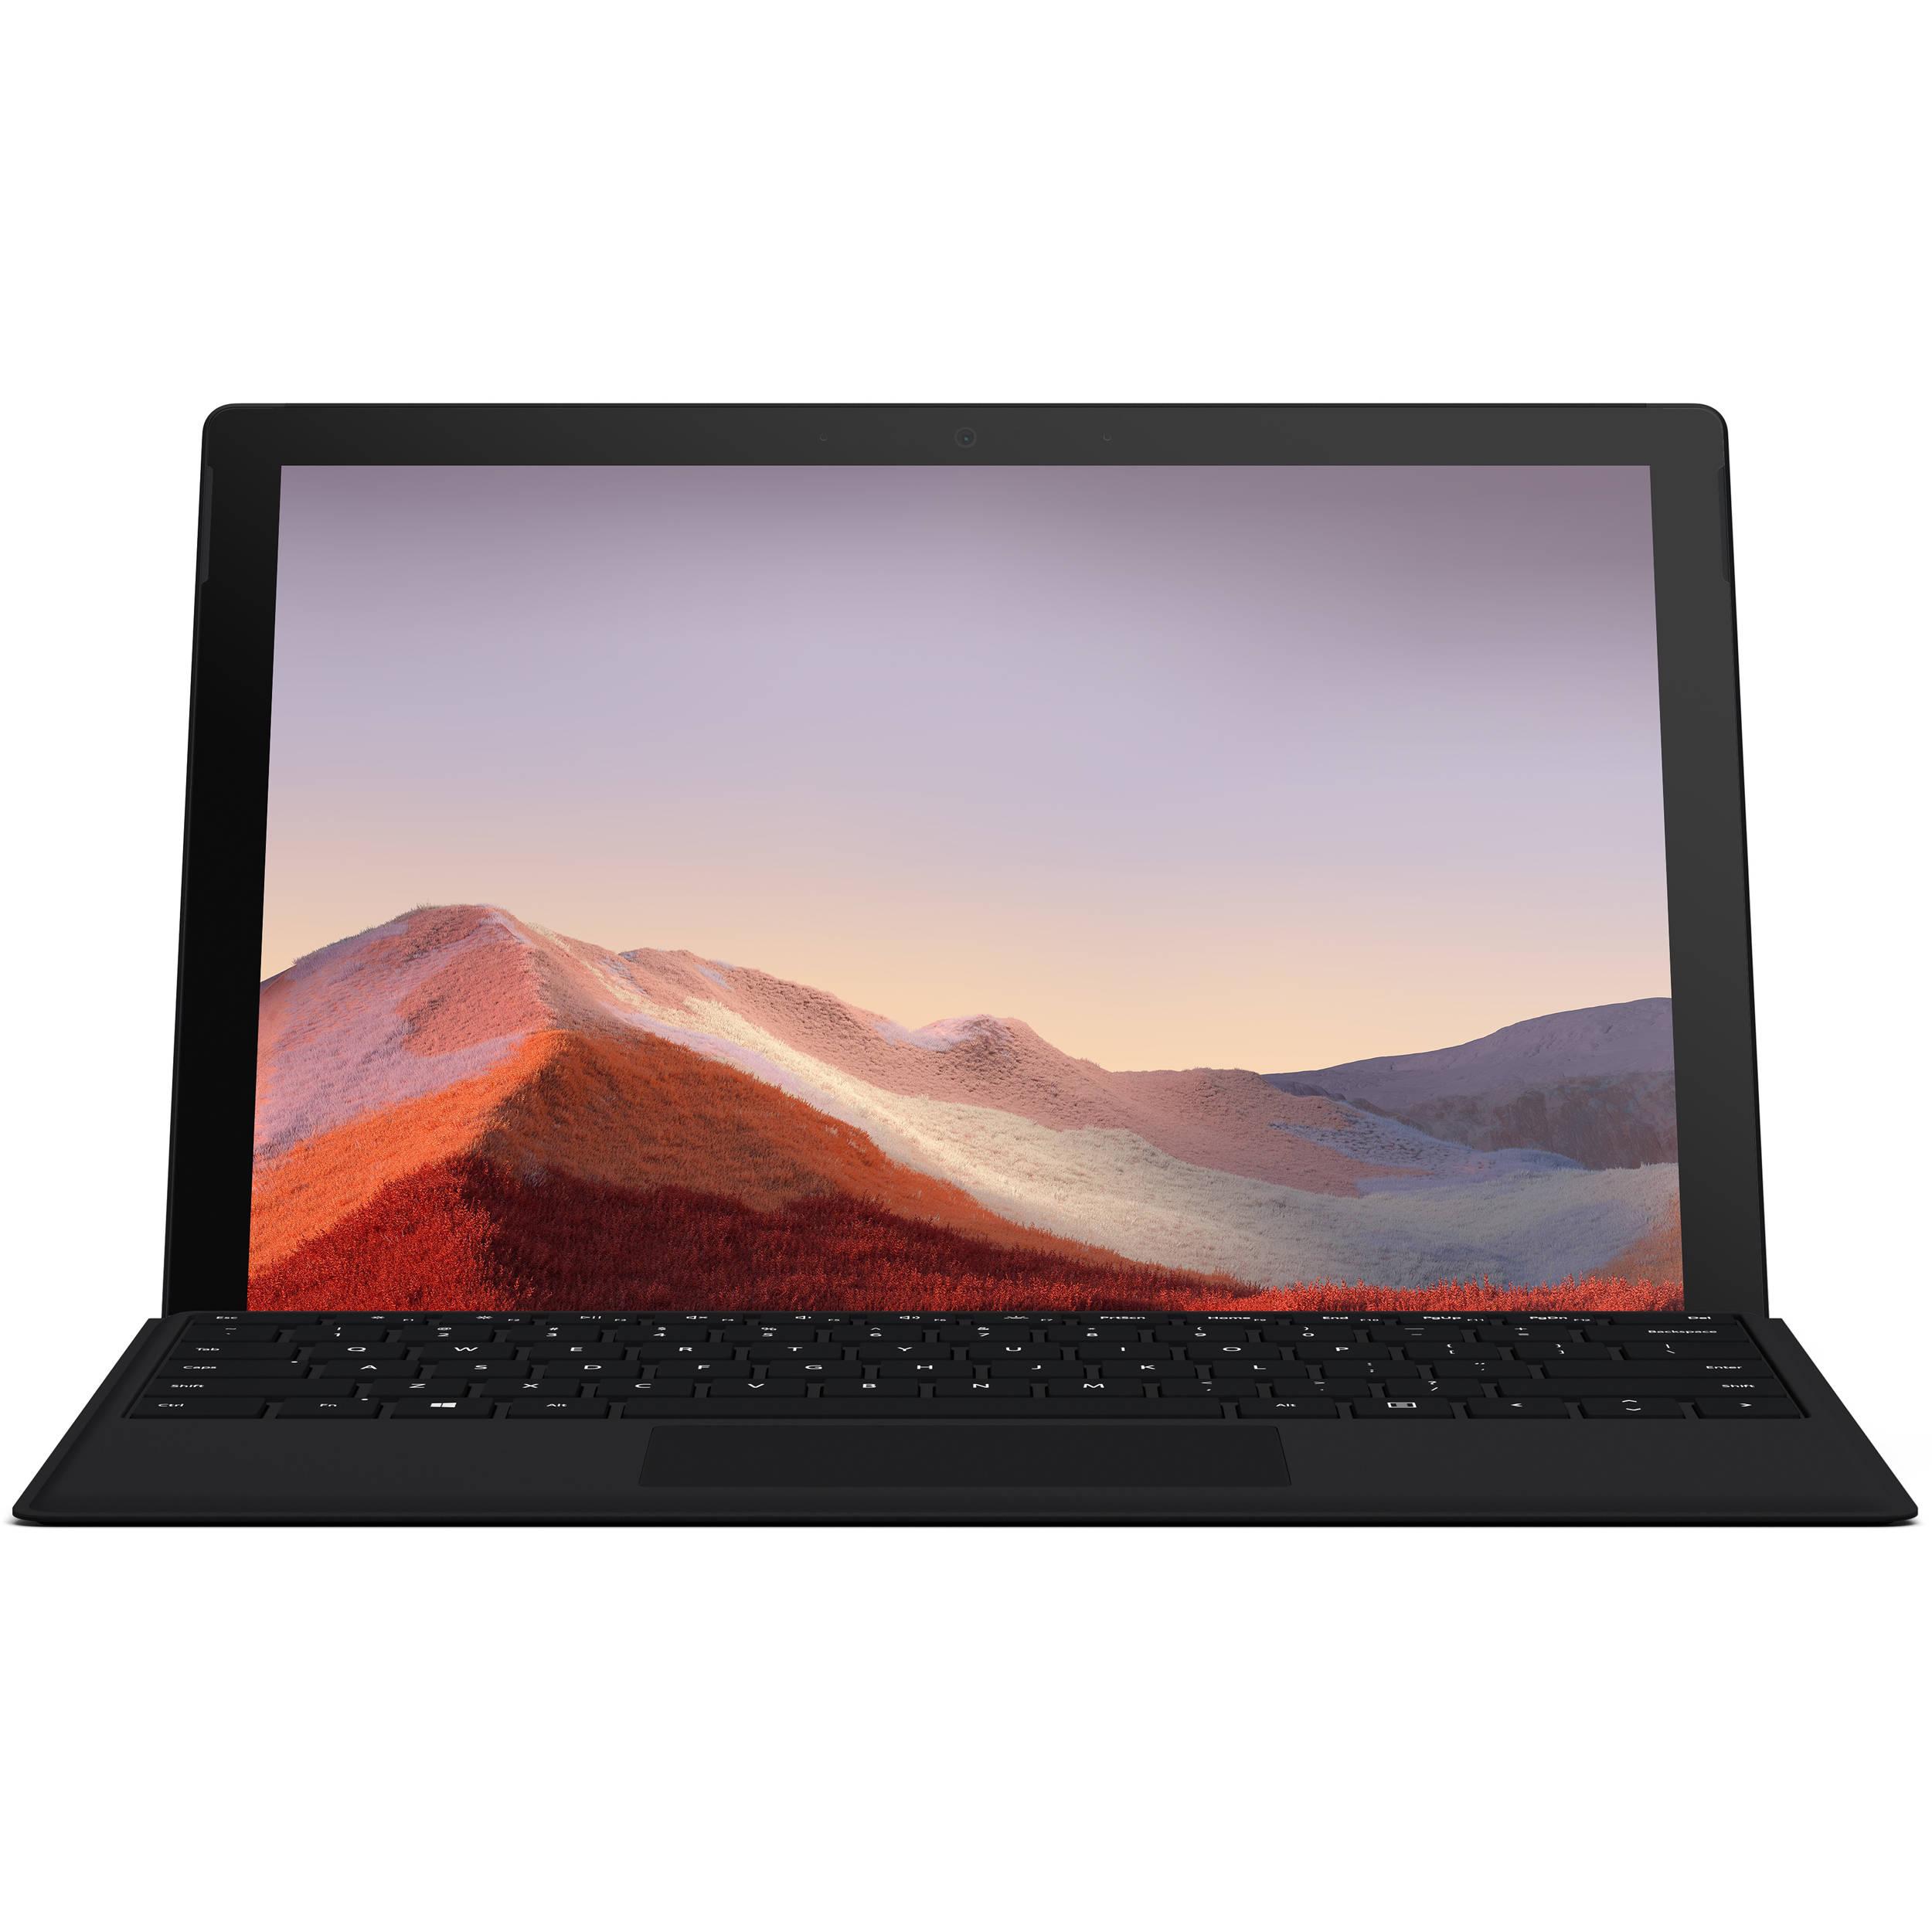 خرید ارزان تبلت مایکروسافت مدل Surface Pro 7 - C به همراه کیبورد Black Type Cover